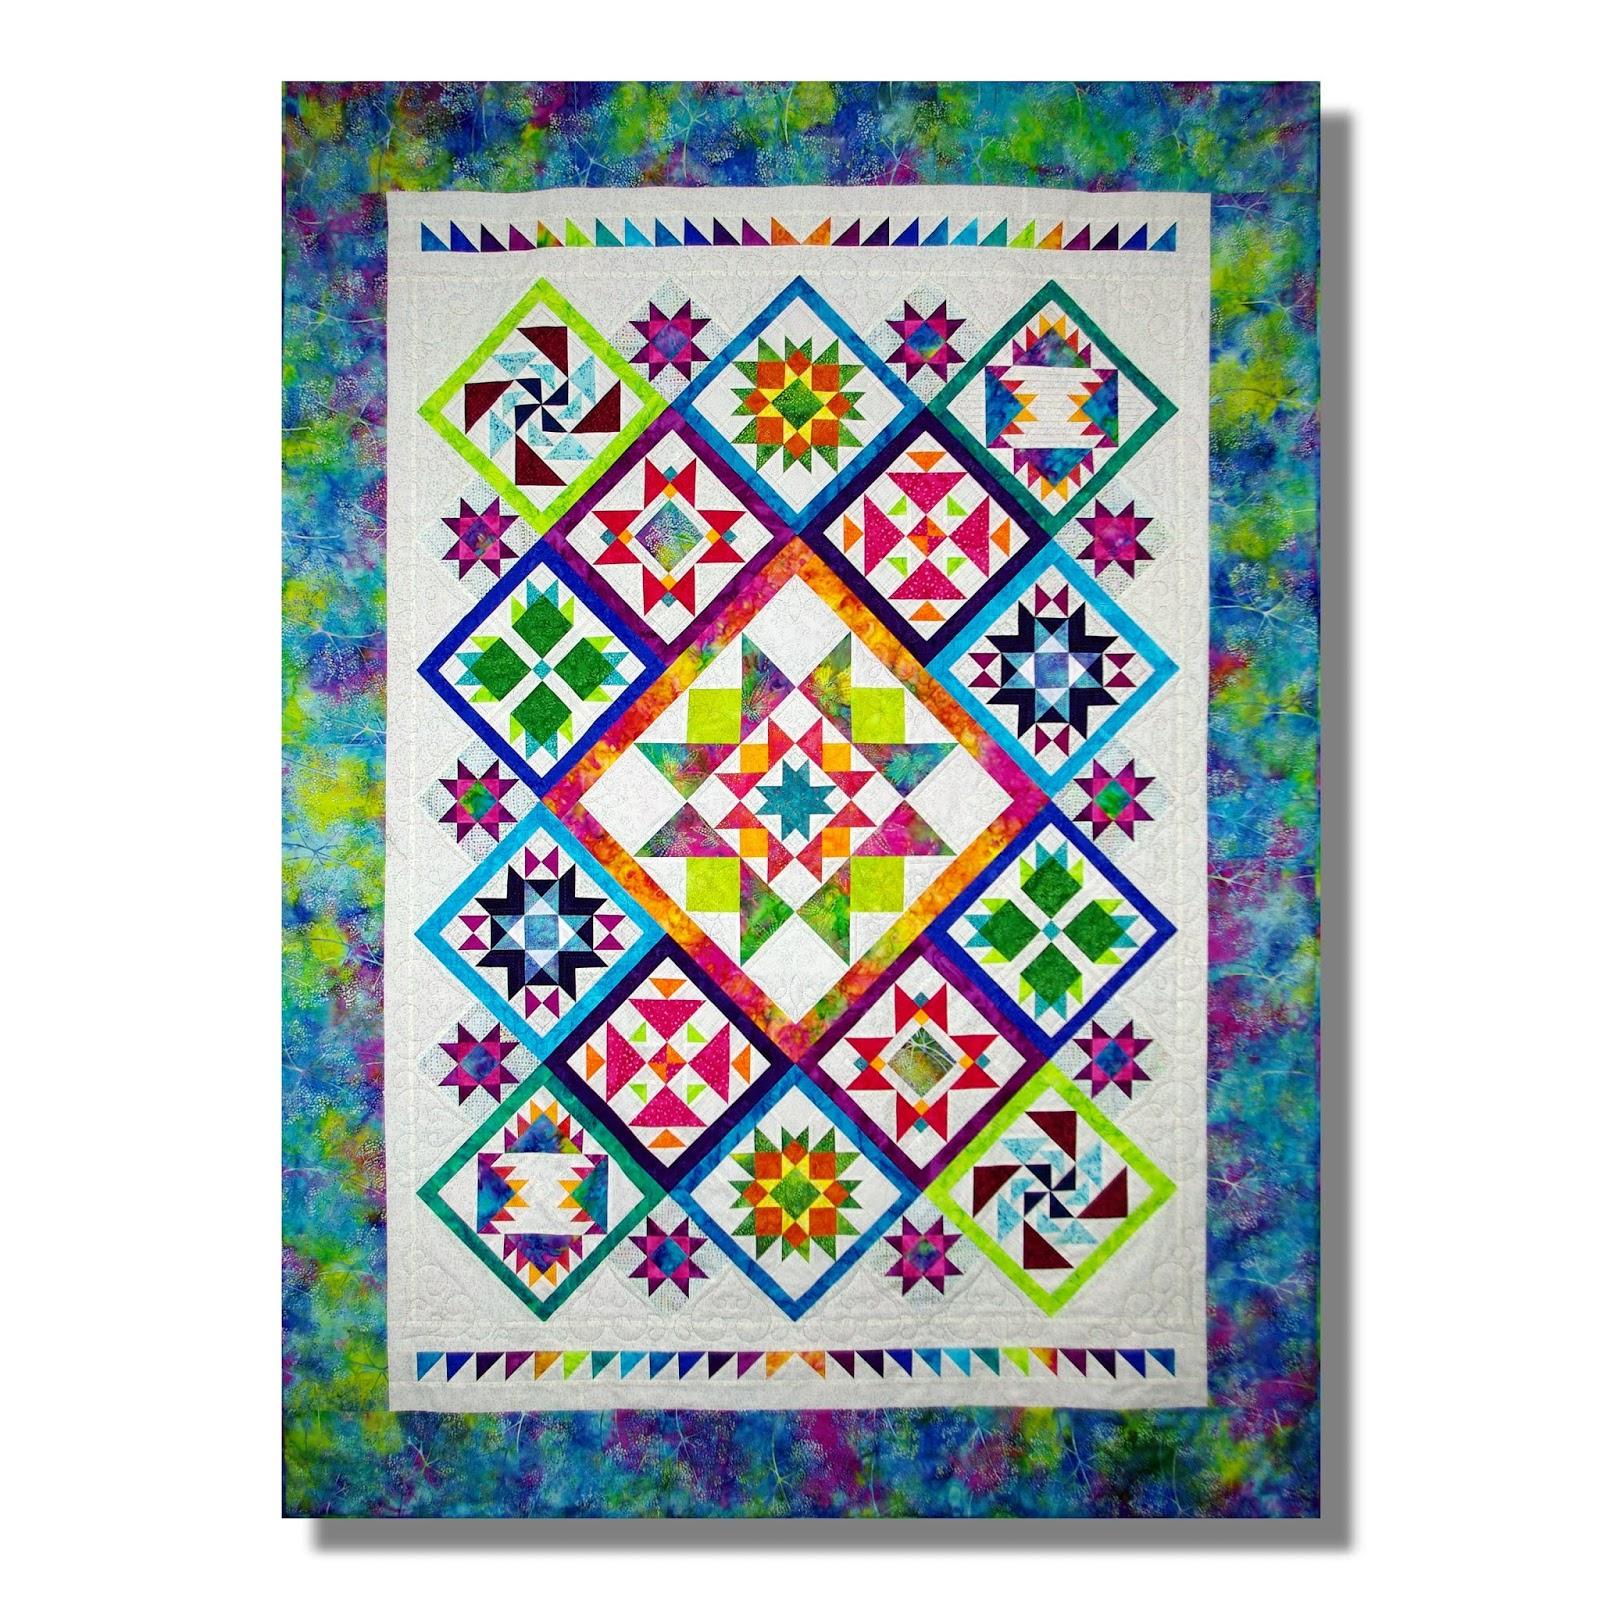 timeless design 2d8d1 e73f0 Ich liebe beide Varianten. Gequiltet ist bisher leider nur die  Batik-Variante, denn ich quilte mal wieder von Hand und habe bei der  Auswahl der Muster immer ...